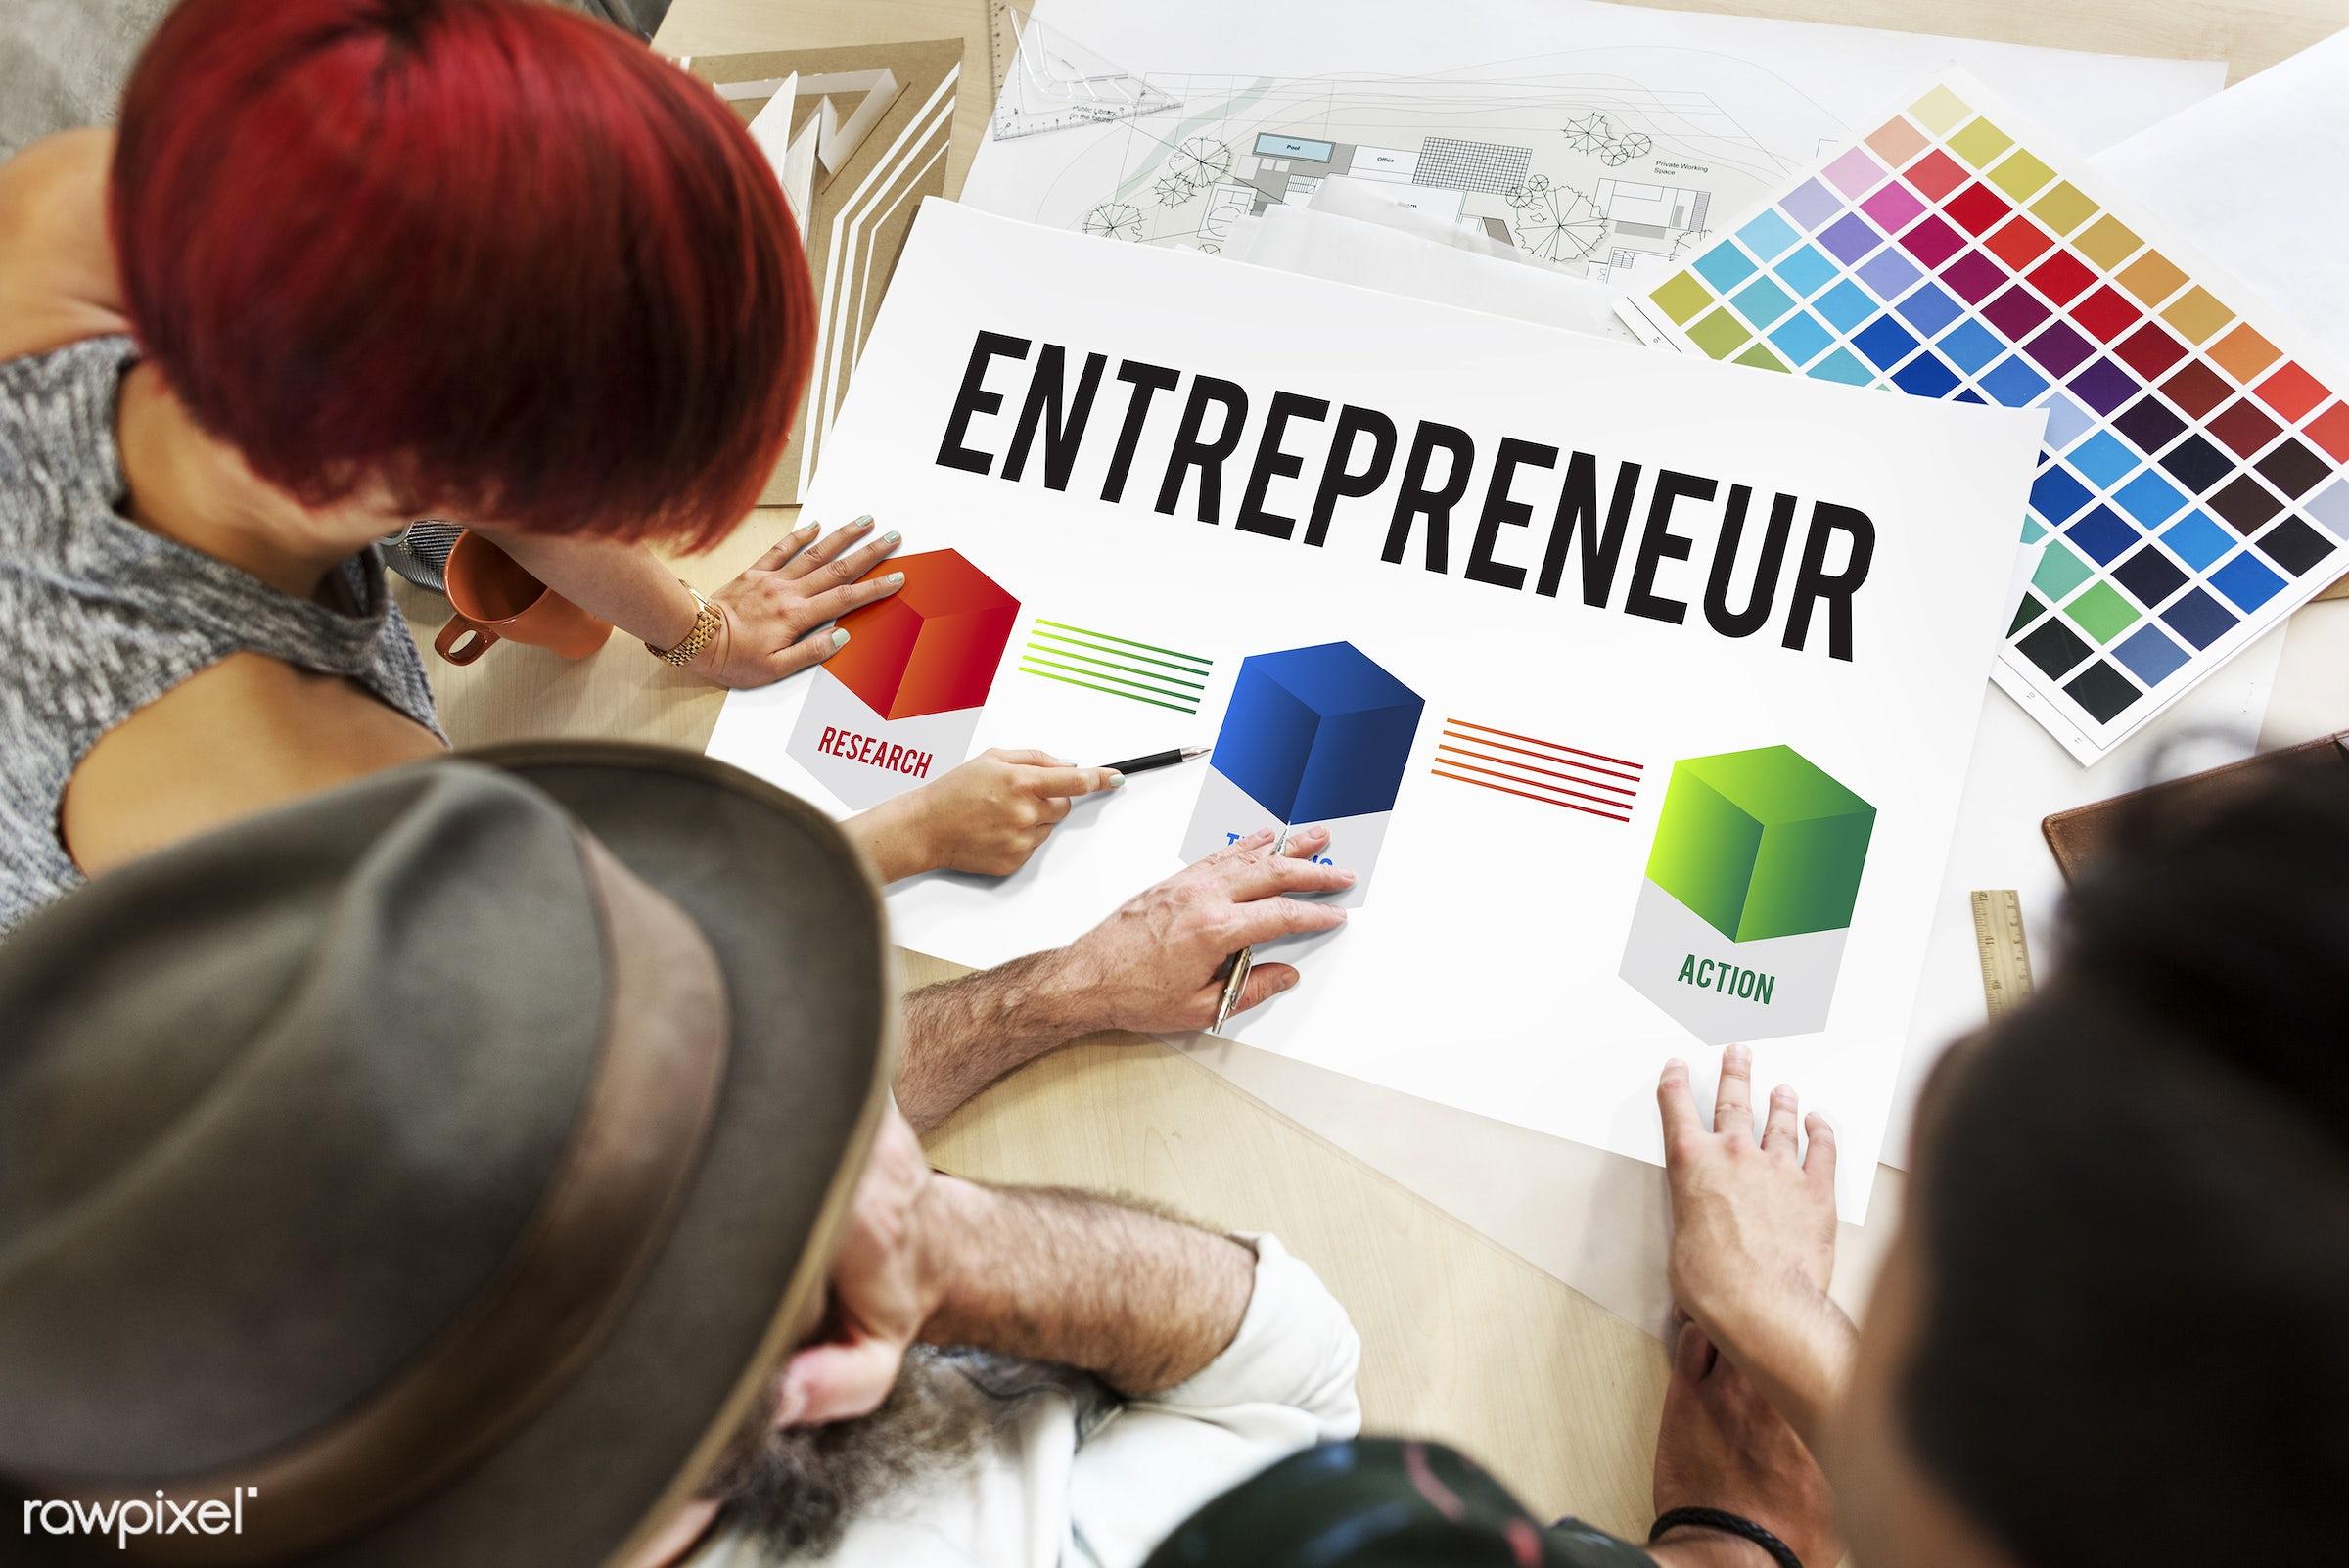 development, action, analysis, art, business, color chart, colors, data, design, discussion, entrepreneur, female, graphics...